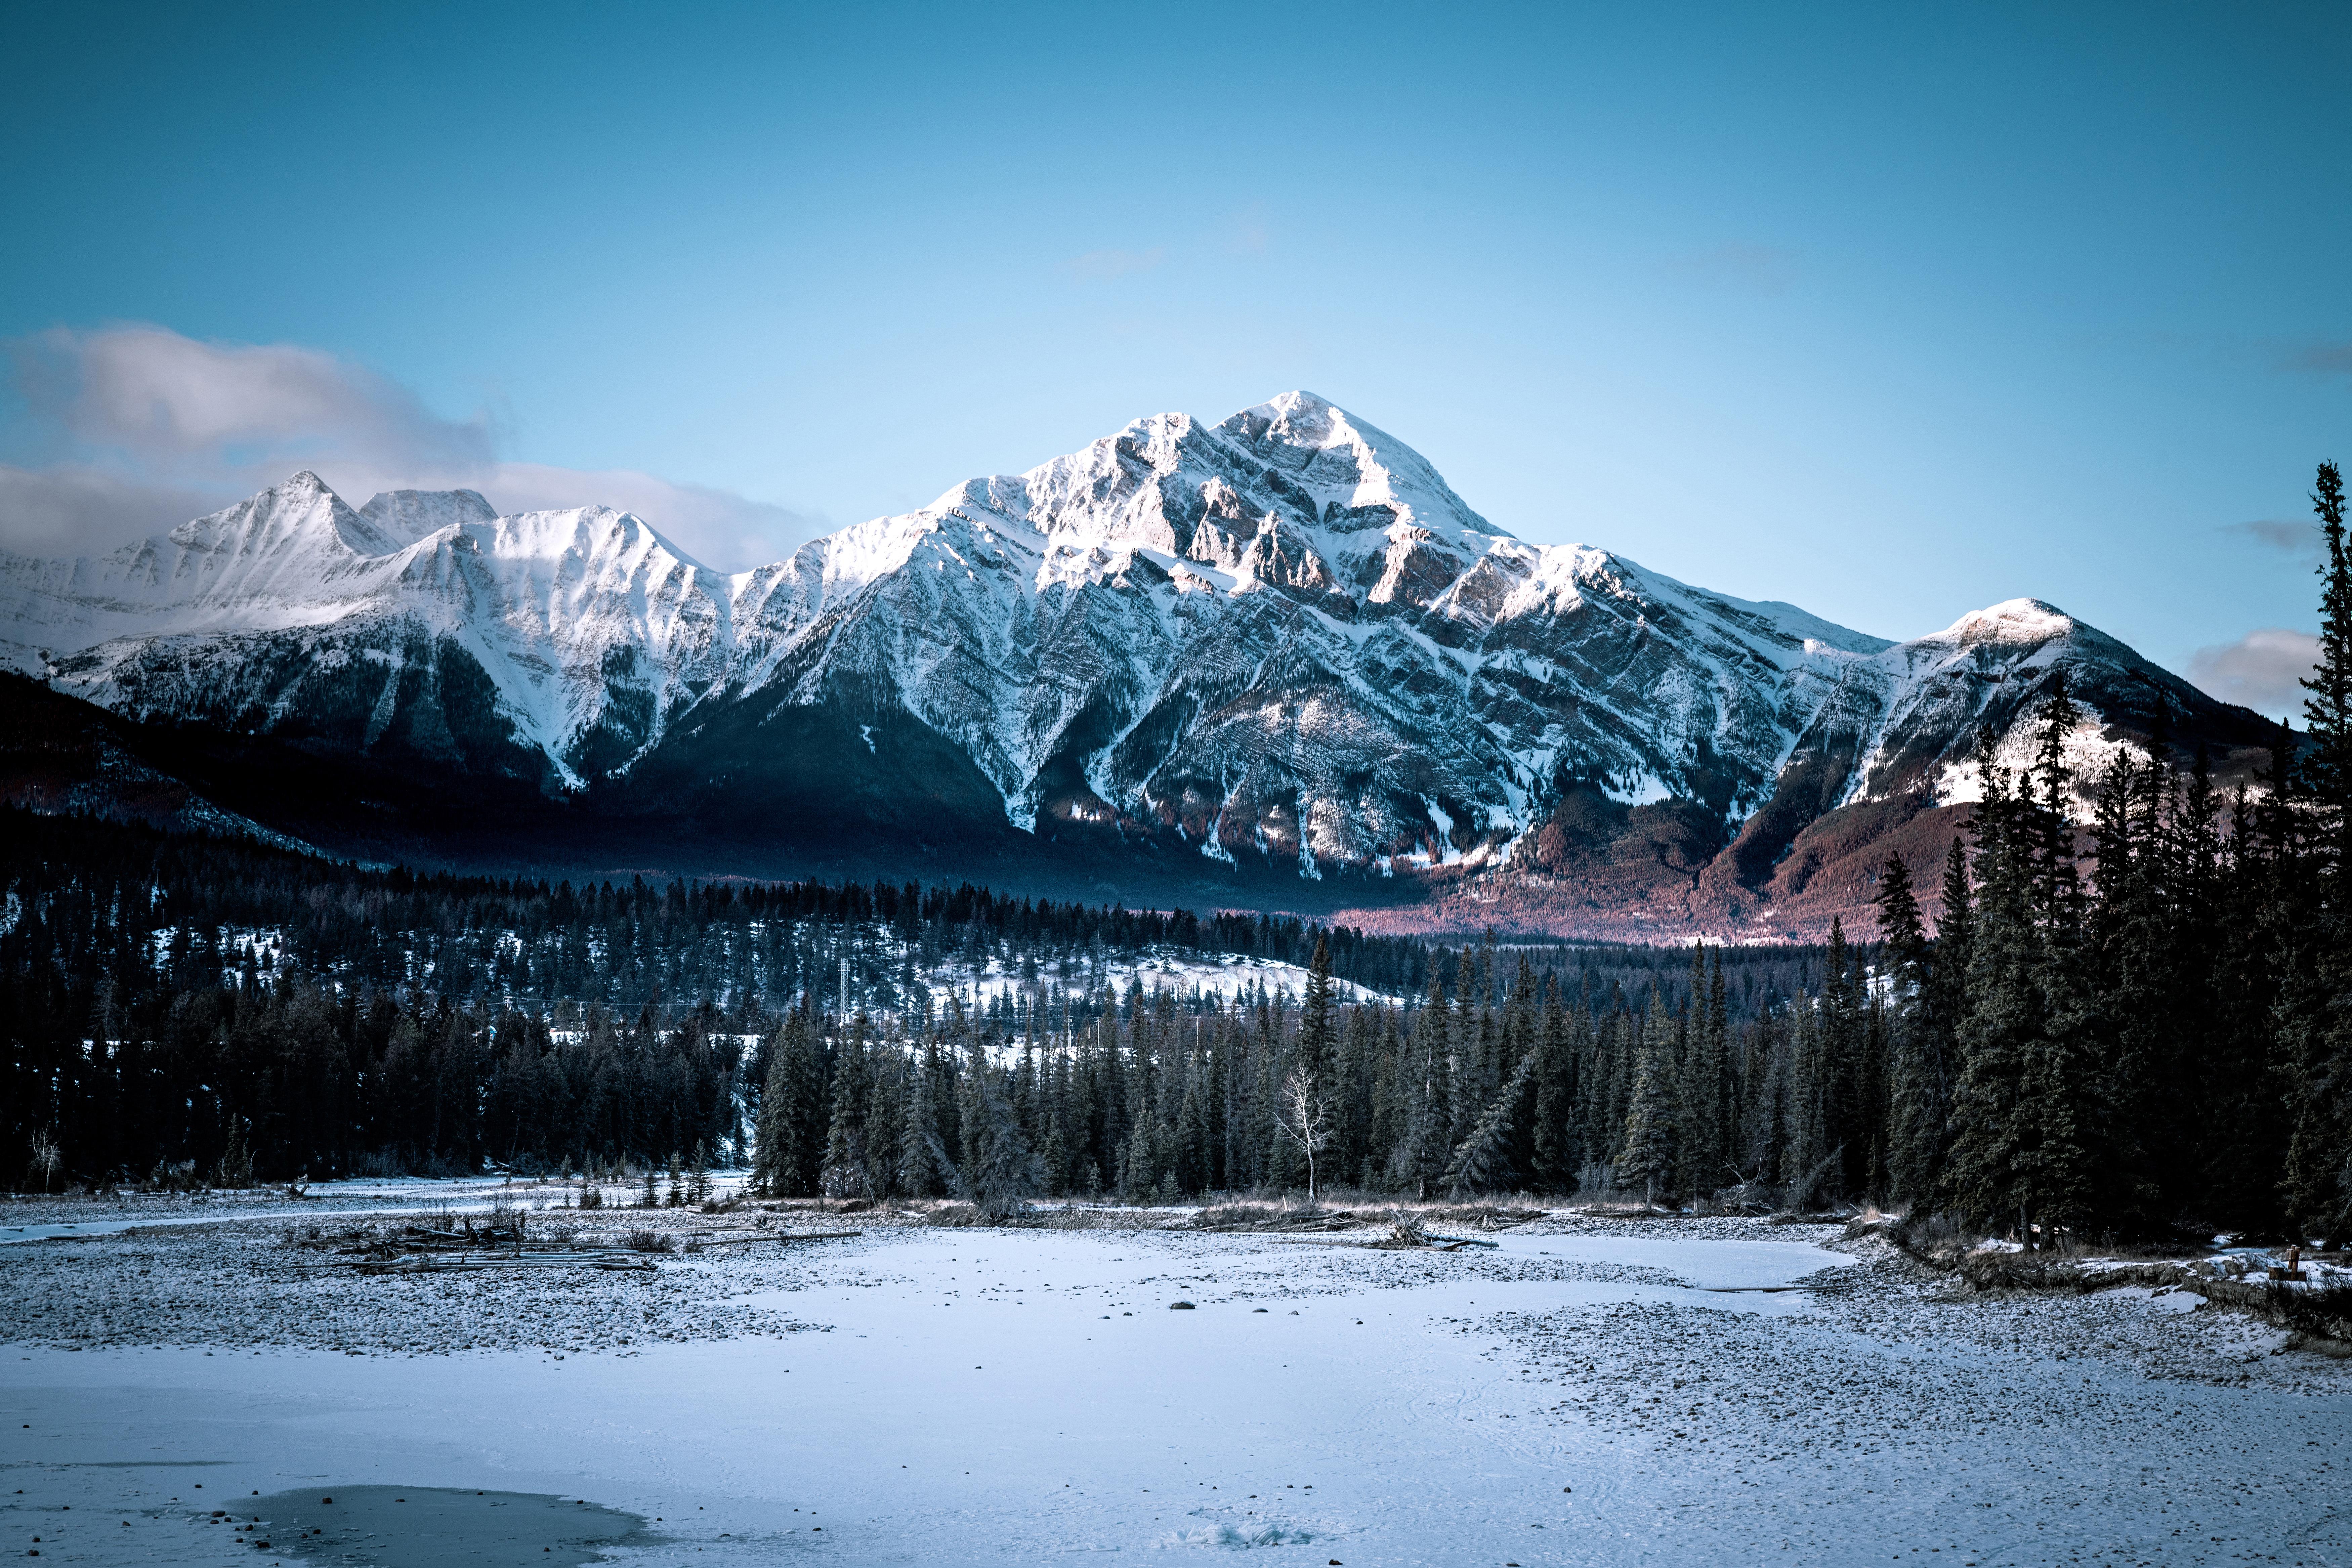 92484 papel de parede 1080x2400 em seu telefone gratuitamente, baixe imagens Paisagem, Inverno, Natureza, Montanhas, Neve 1080x2400 em seu celular